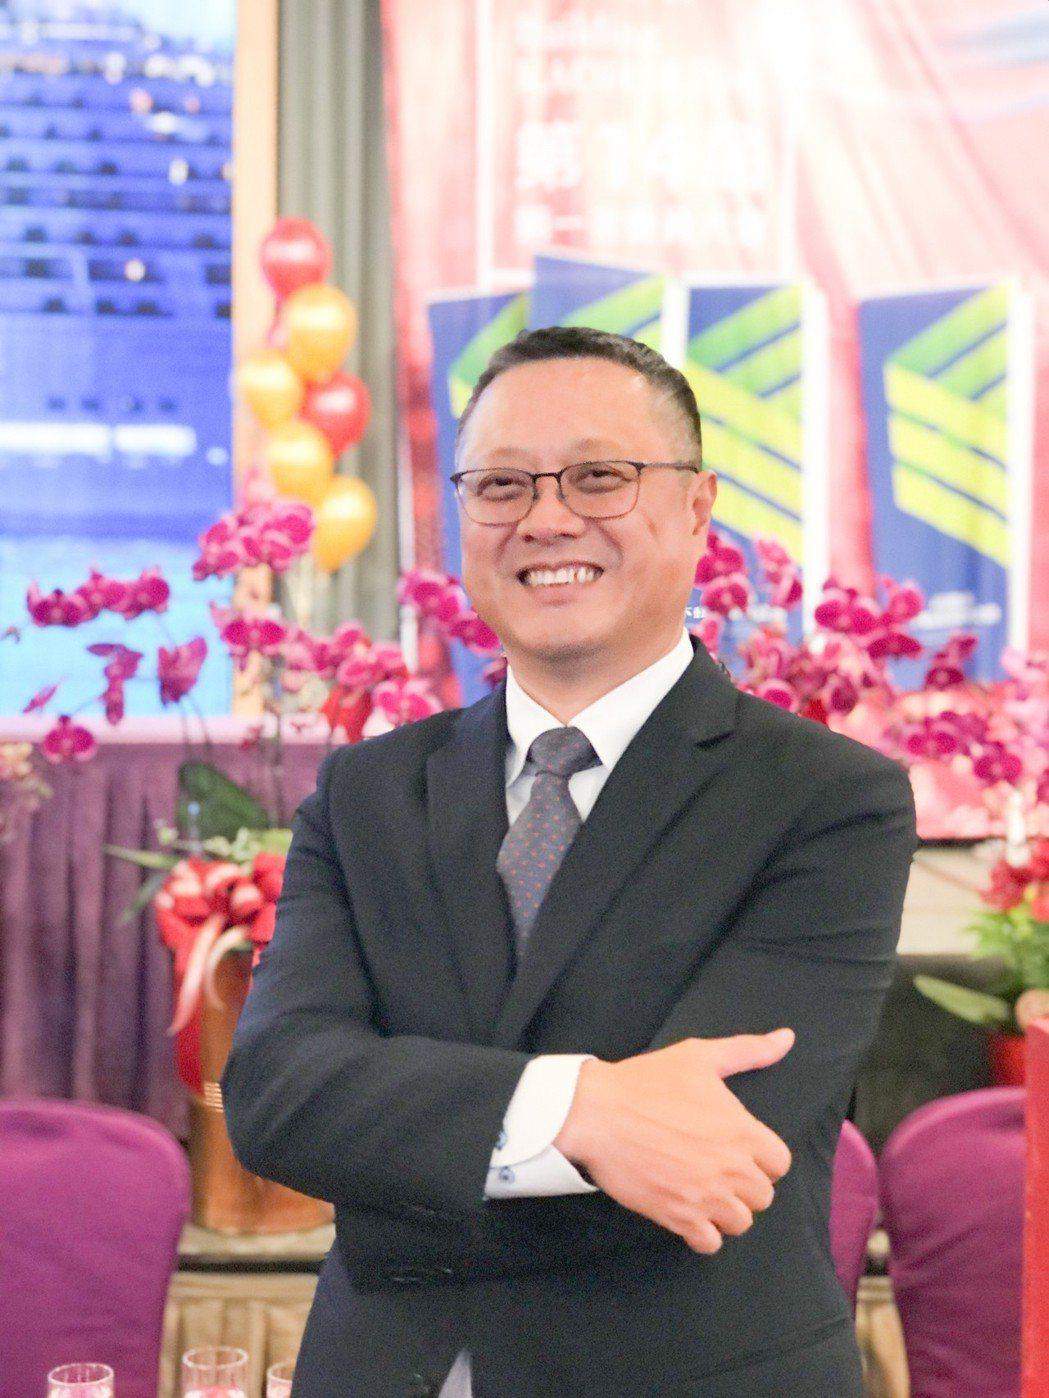 巴巴事業集團董事長黃烱輝當選高雄市不動產開發商公會第14屆理事長。 攝影/張世雅